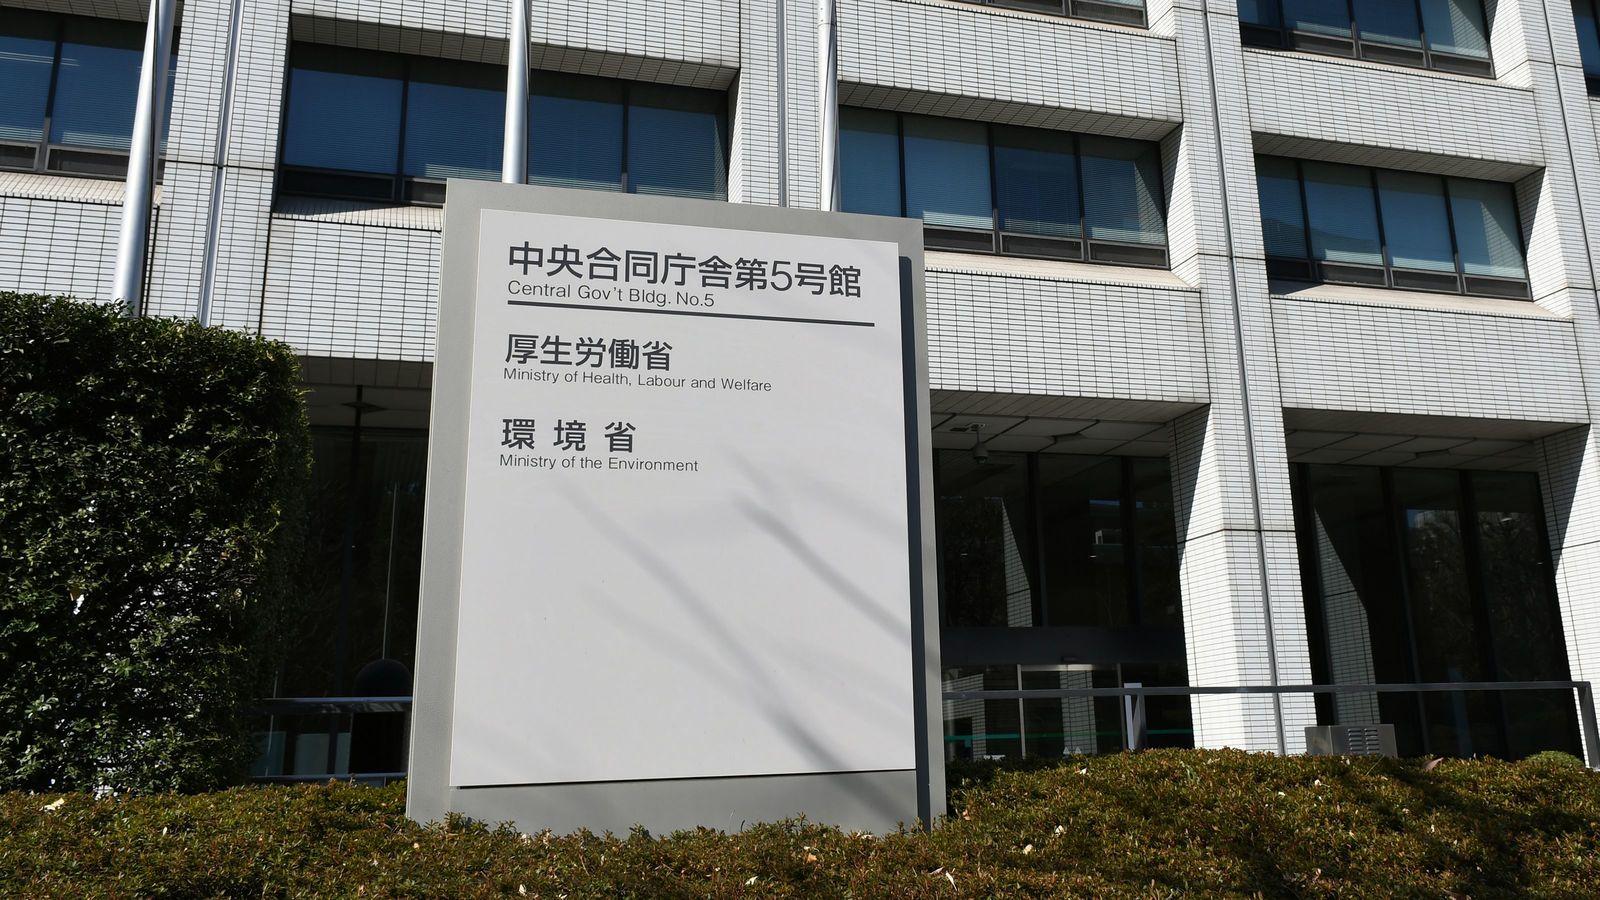 橋下ゴジラvs吉村ガメラ、日本を救う「総理」はどっちだ! 責任感ゼロの安倍晋三にもう限界だ